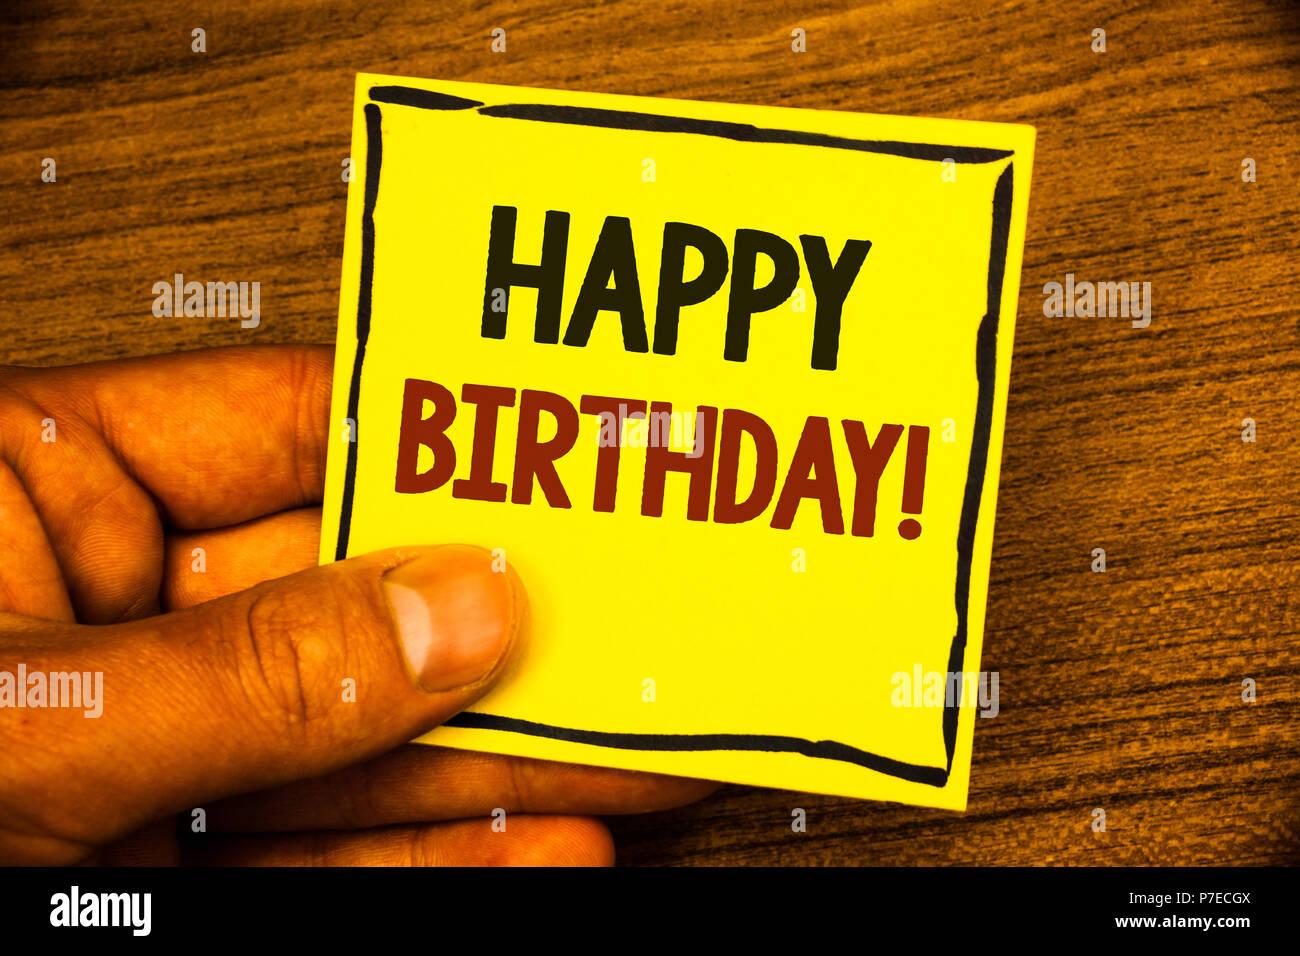 Idee Fotografiche Anniversario : Parola di scrittura di testo happy birthday motivazionali di